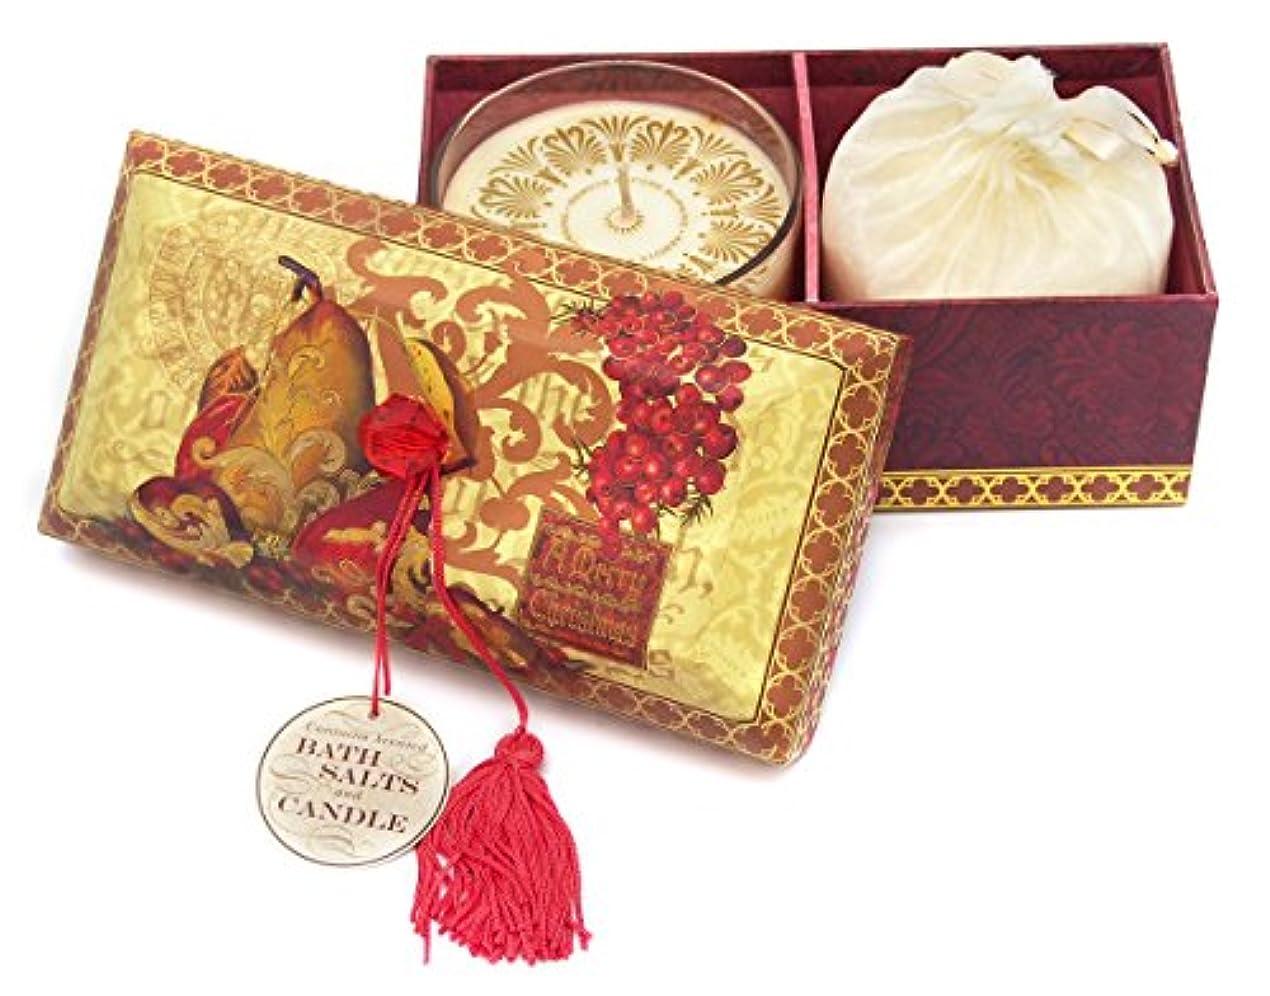 全く中で膨張するパンチスタジオ バスソルト&キャンドル A Merry Christmas 55003